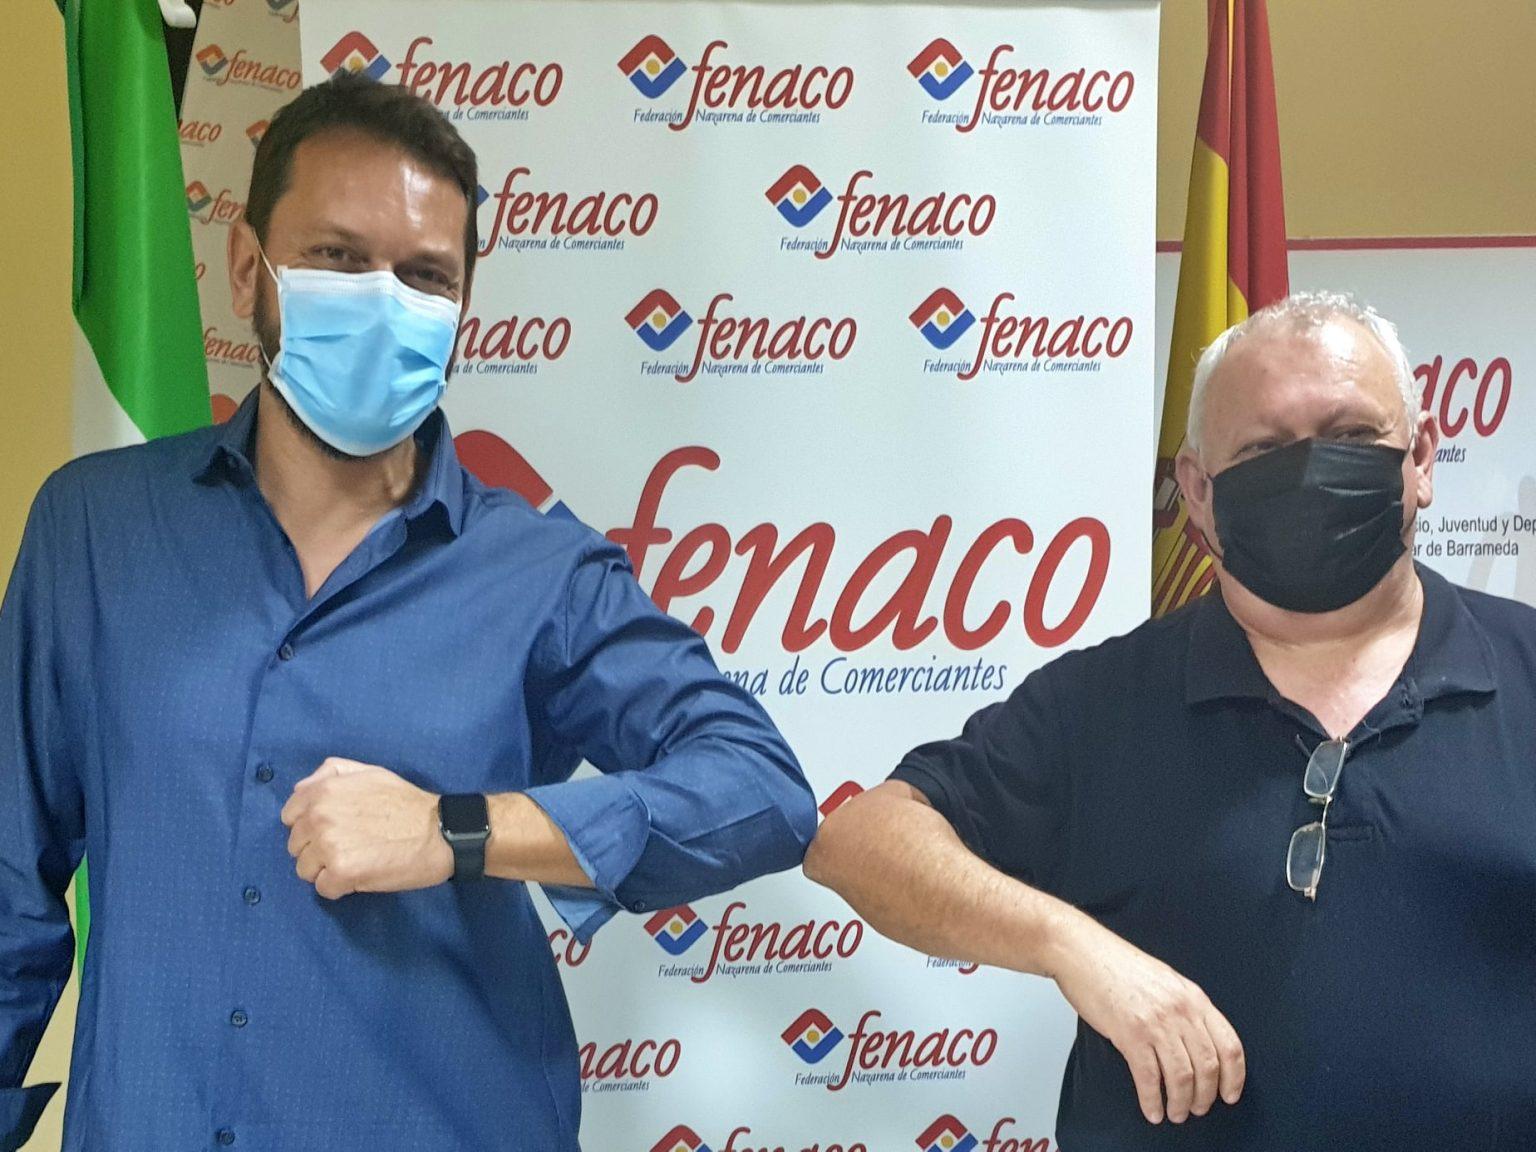 DETOROS Y MAS: José Tomás se viste de azul y dona 360 mil